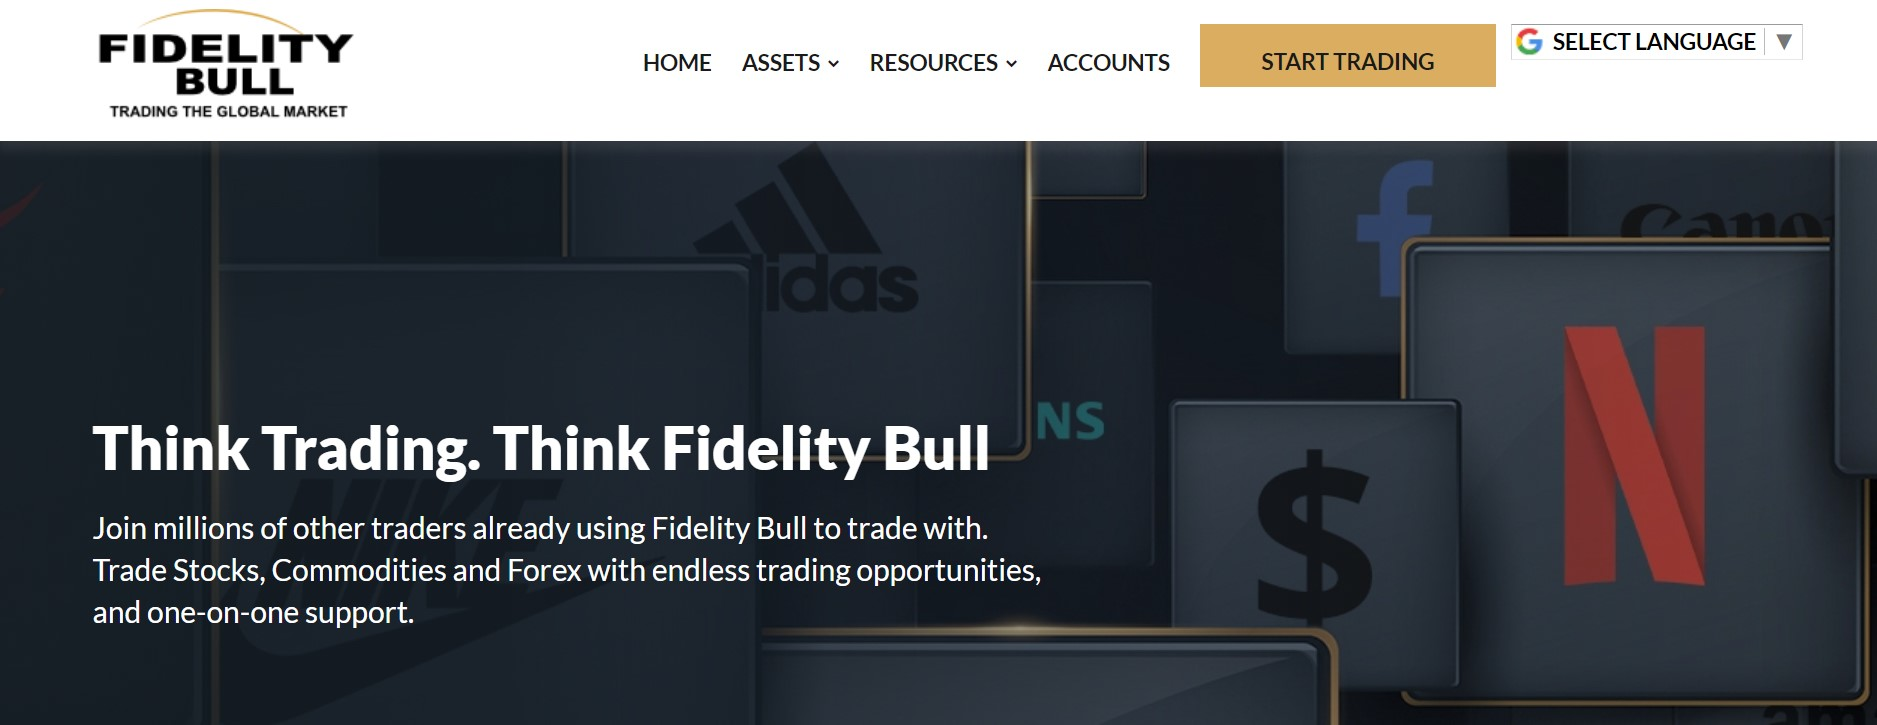 Fidelity Bull website